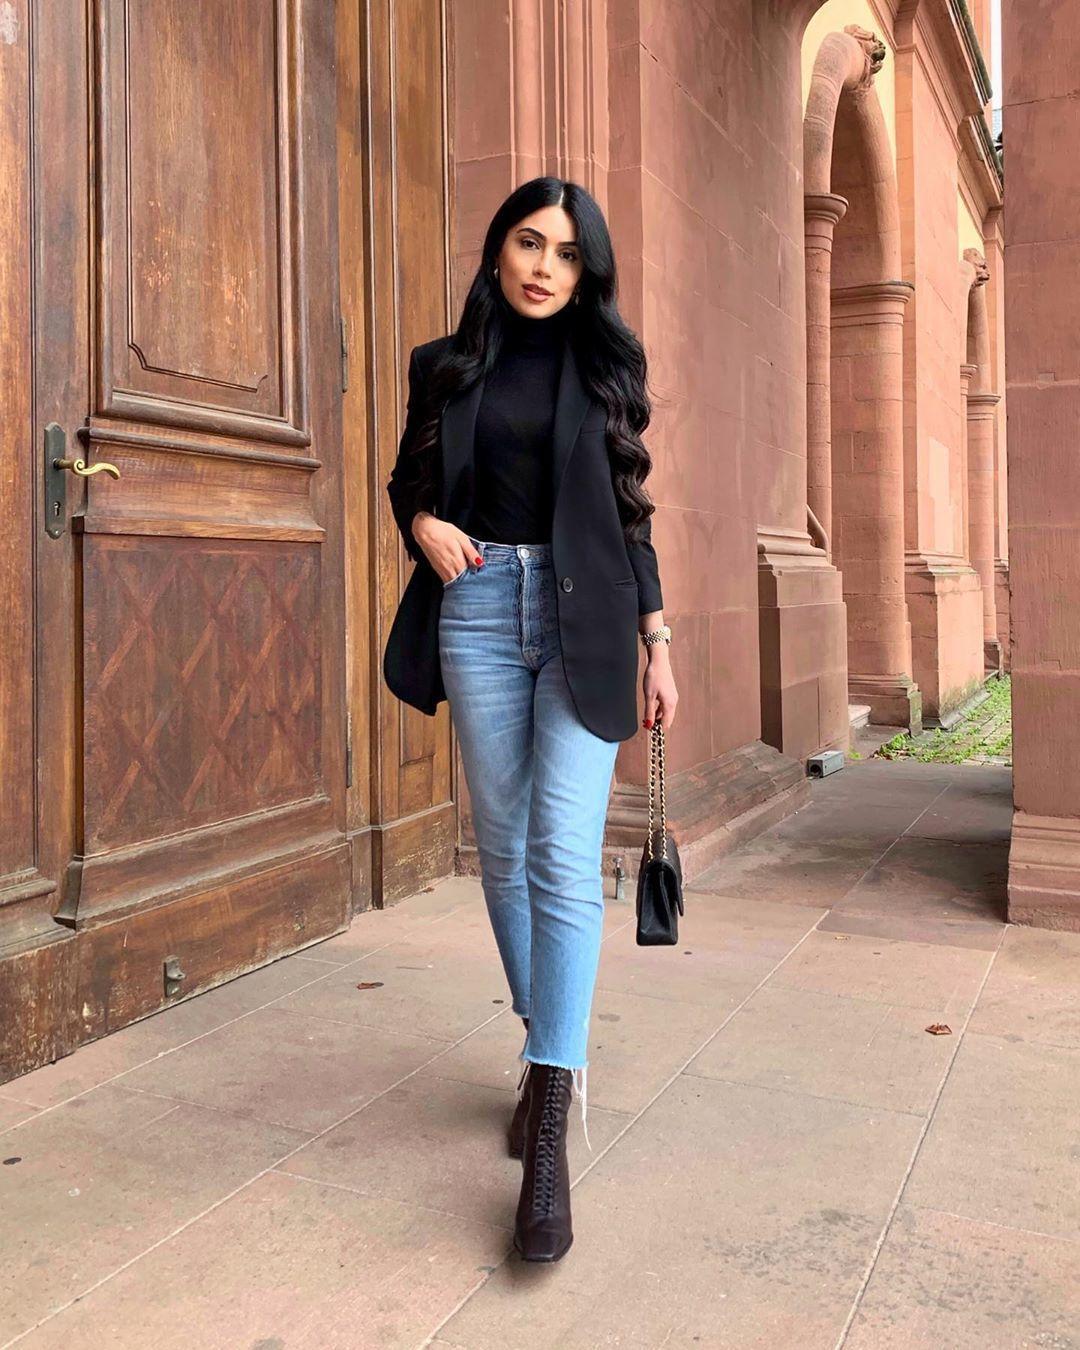 jacket black blazer ankle boots high waisted jeans skinny jeans black turtleneck top black bag